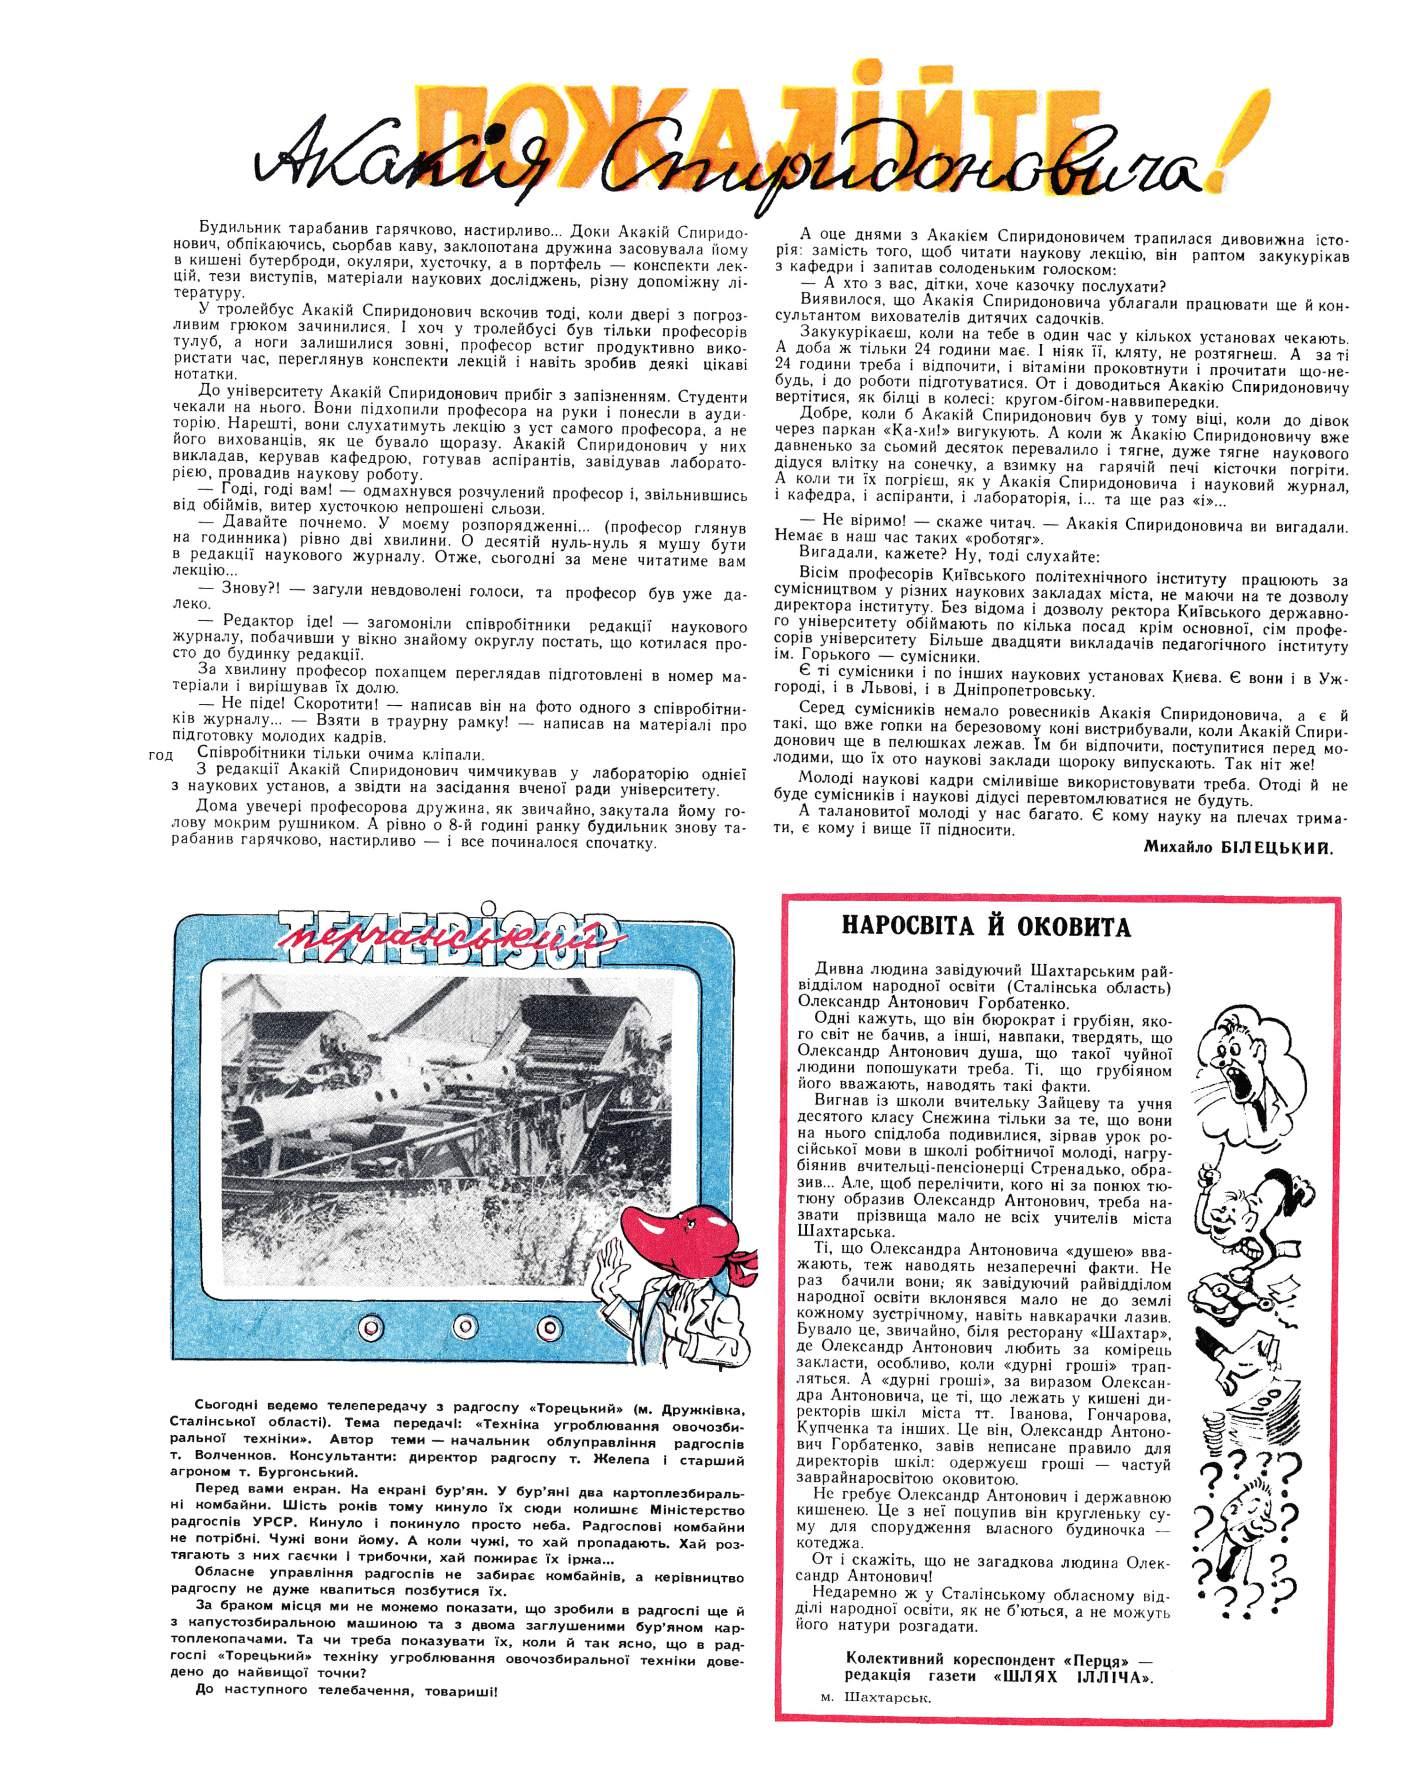 Журнал перець 1959 №17